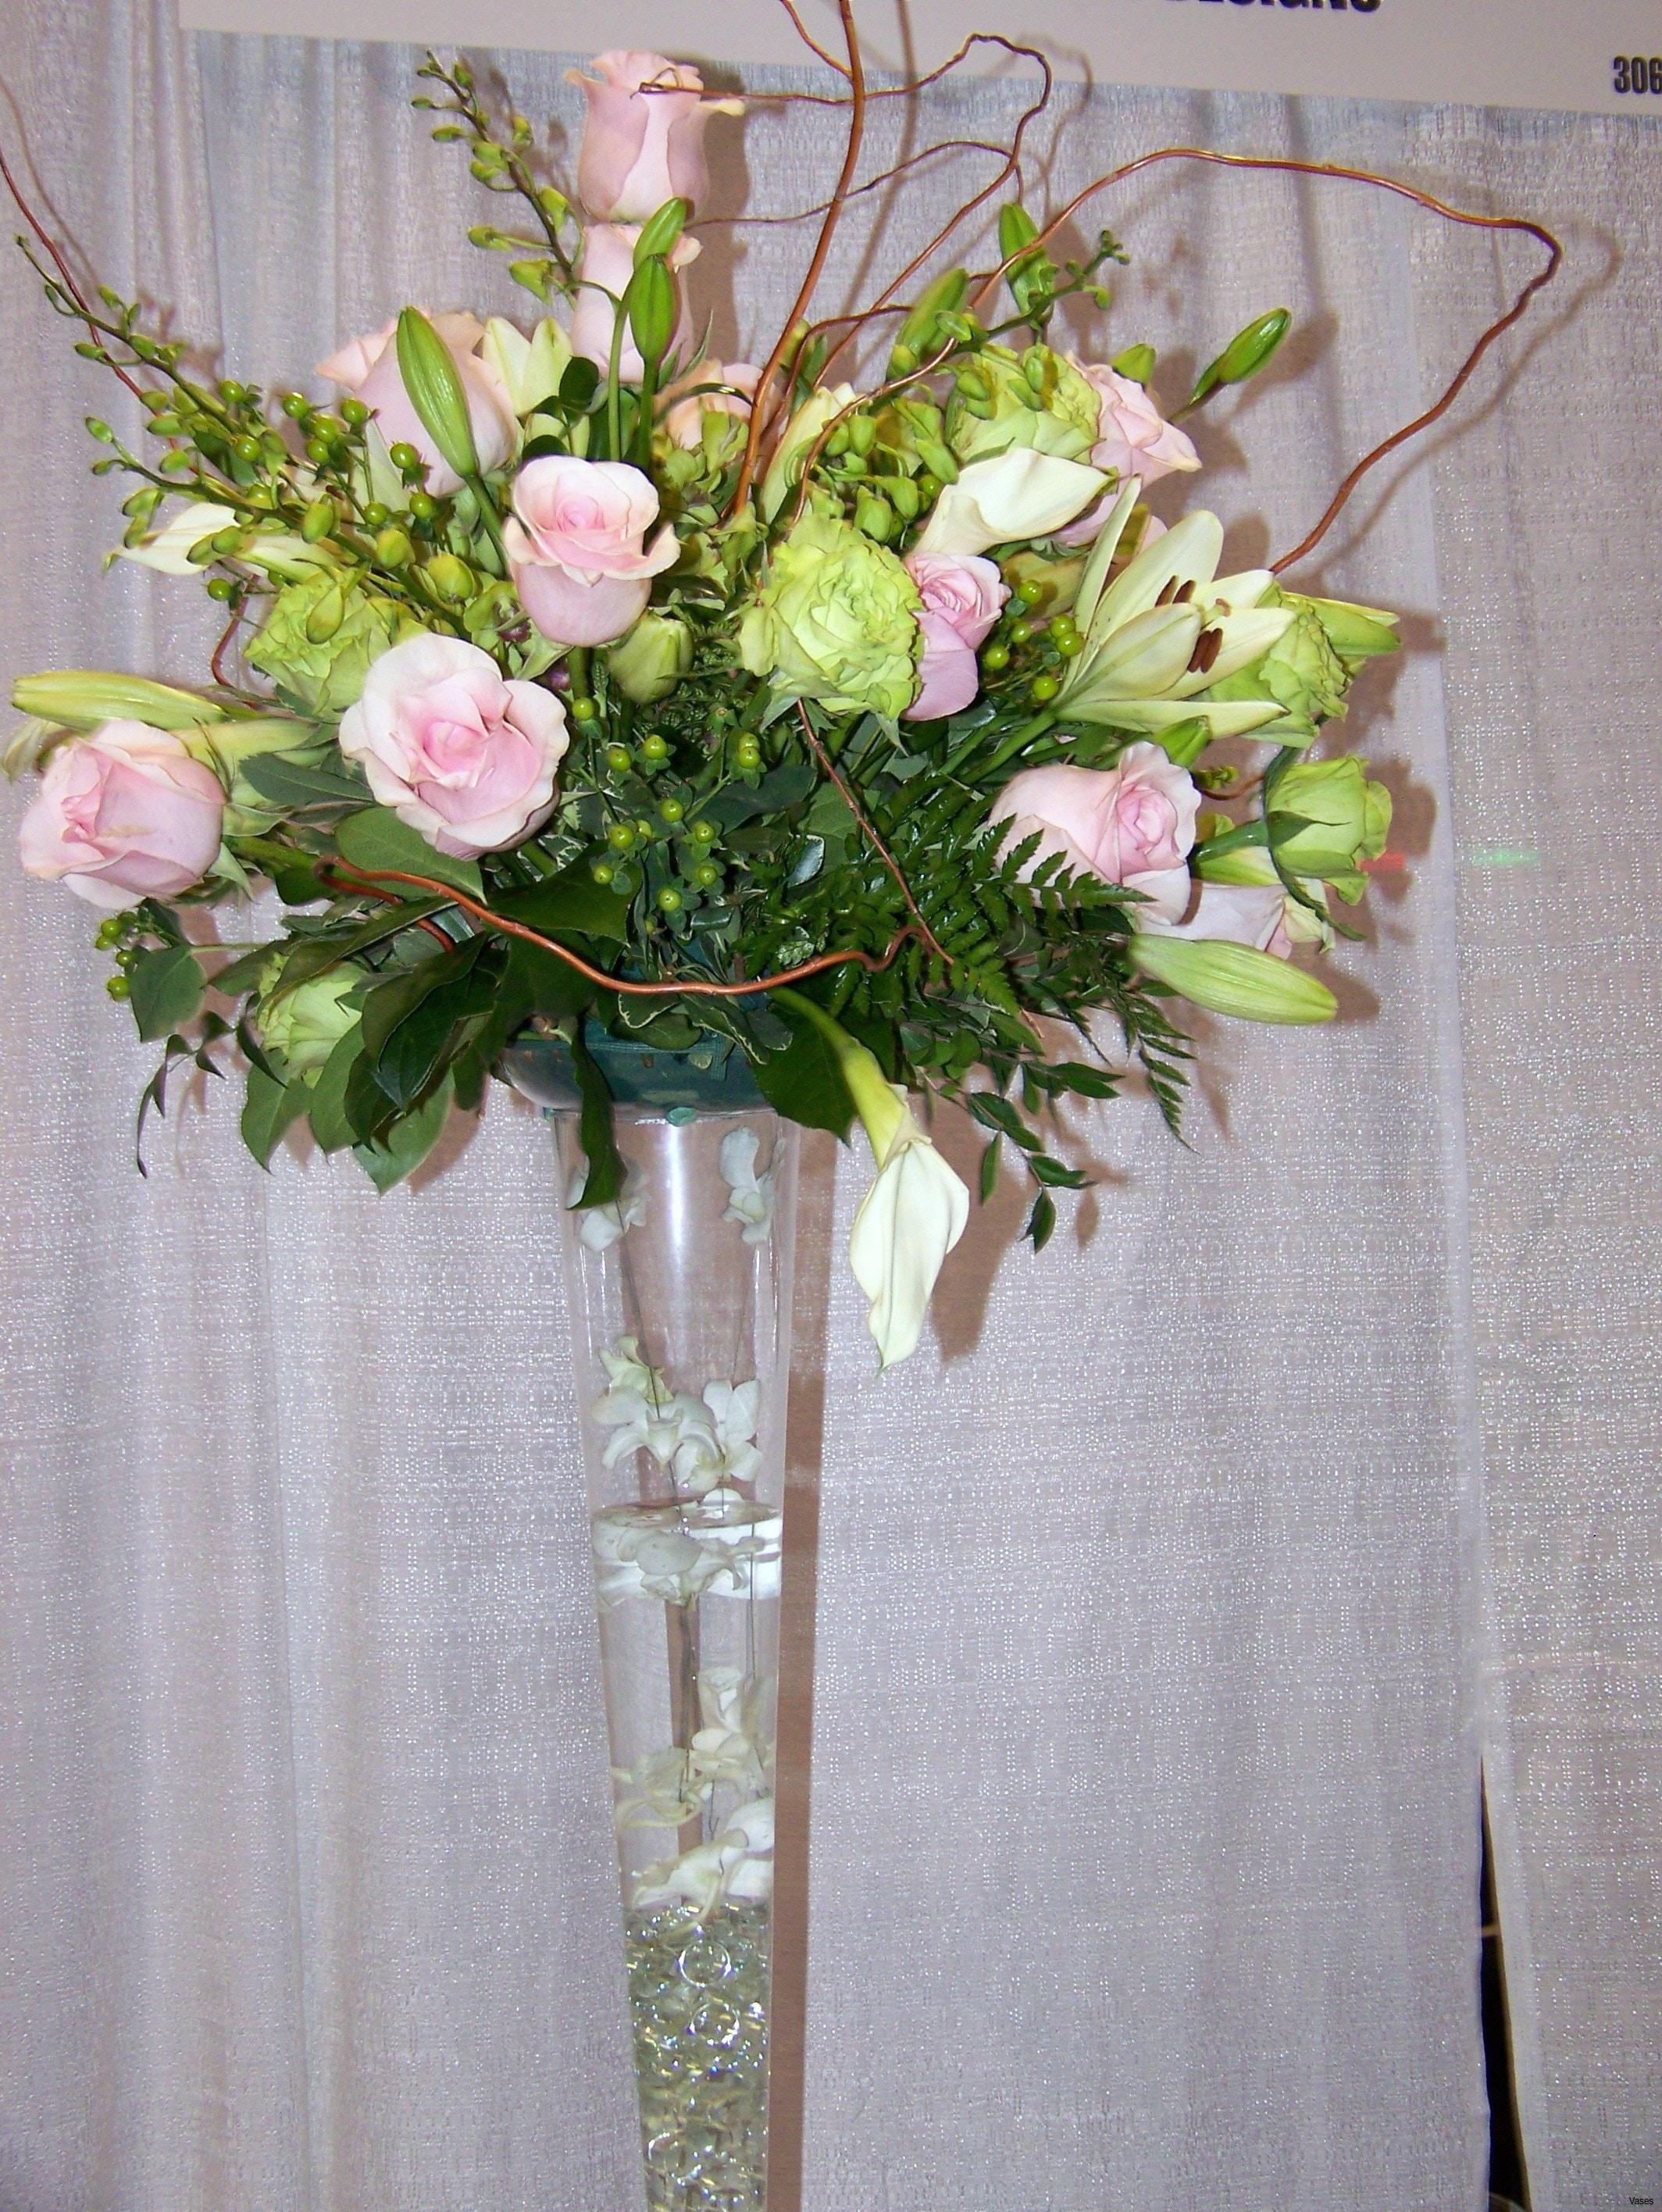 square vase floral arrangement of custom flower vase photograph a custom floral arrangement in a with regard to custom flower vase images h vases ideas for floral arrangements in i 0d design ideas design